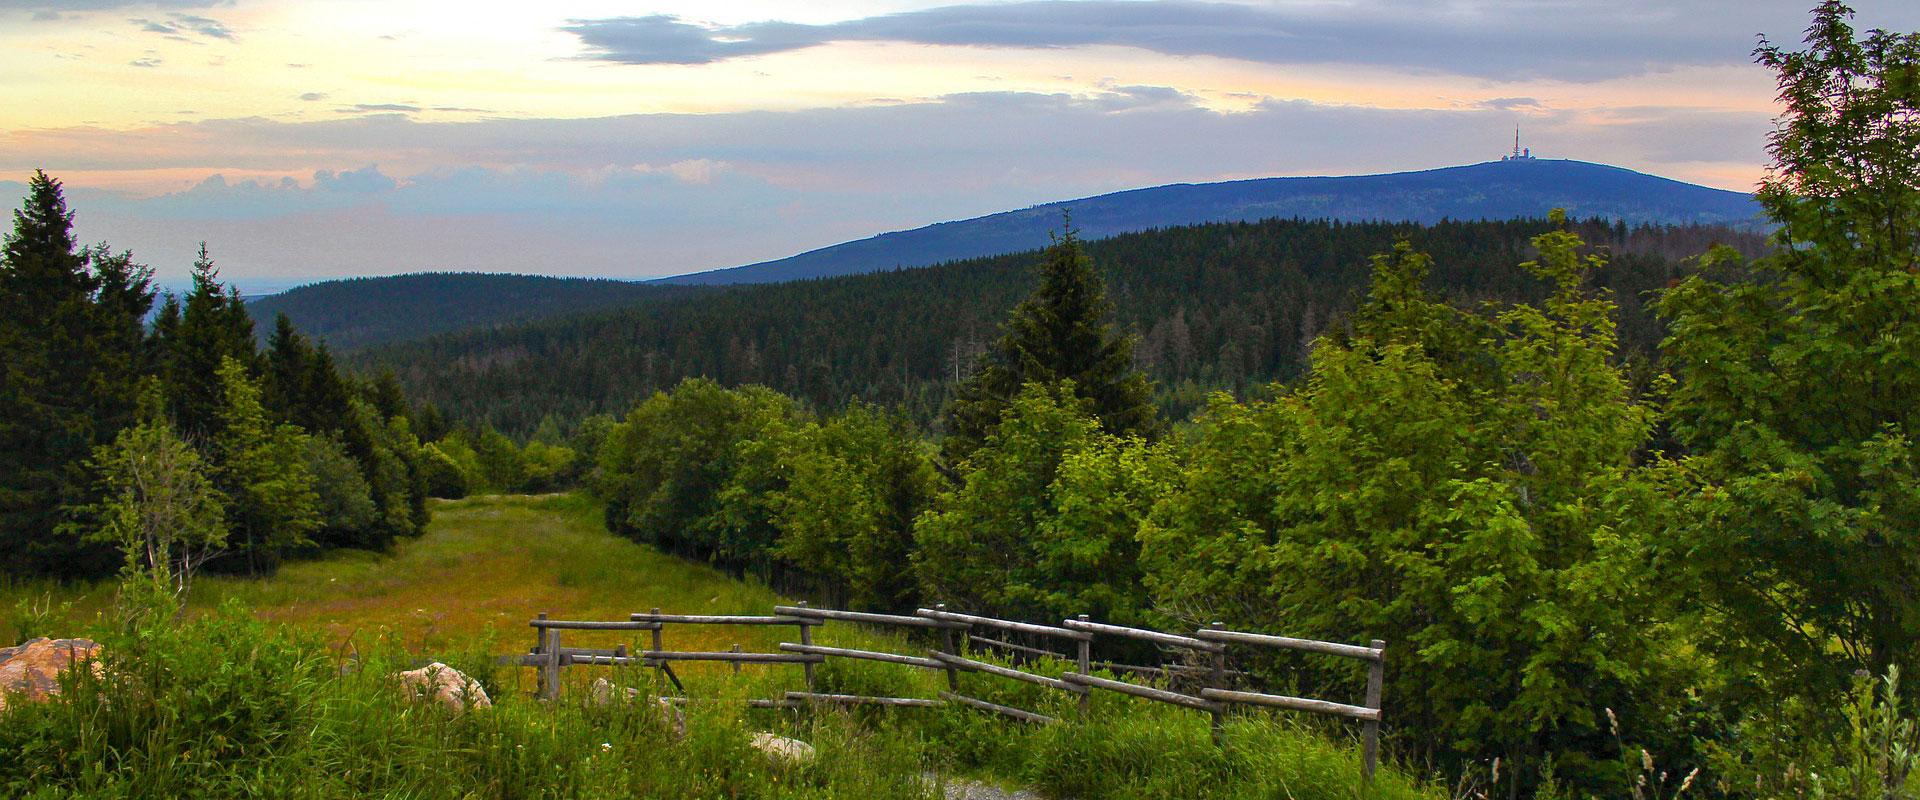 Heksestien i Harzen